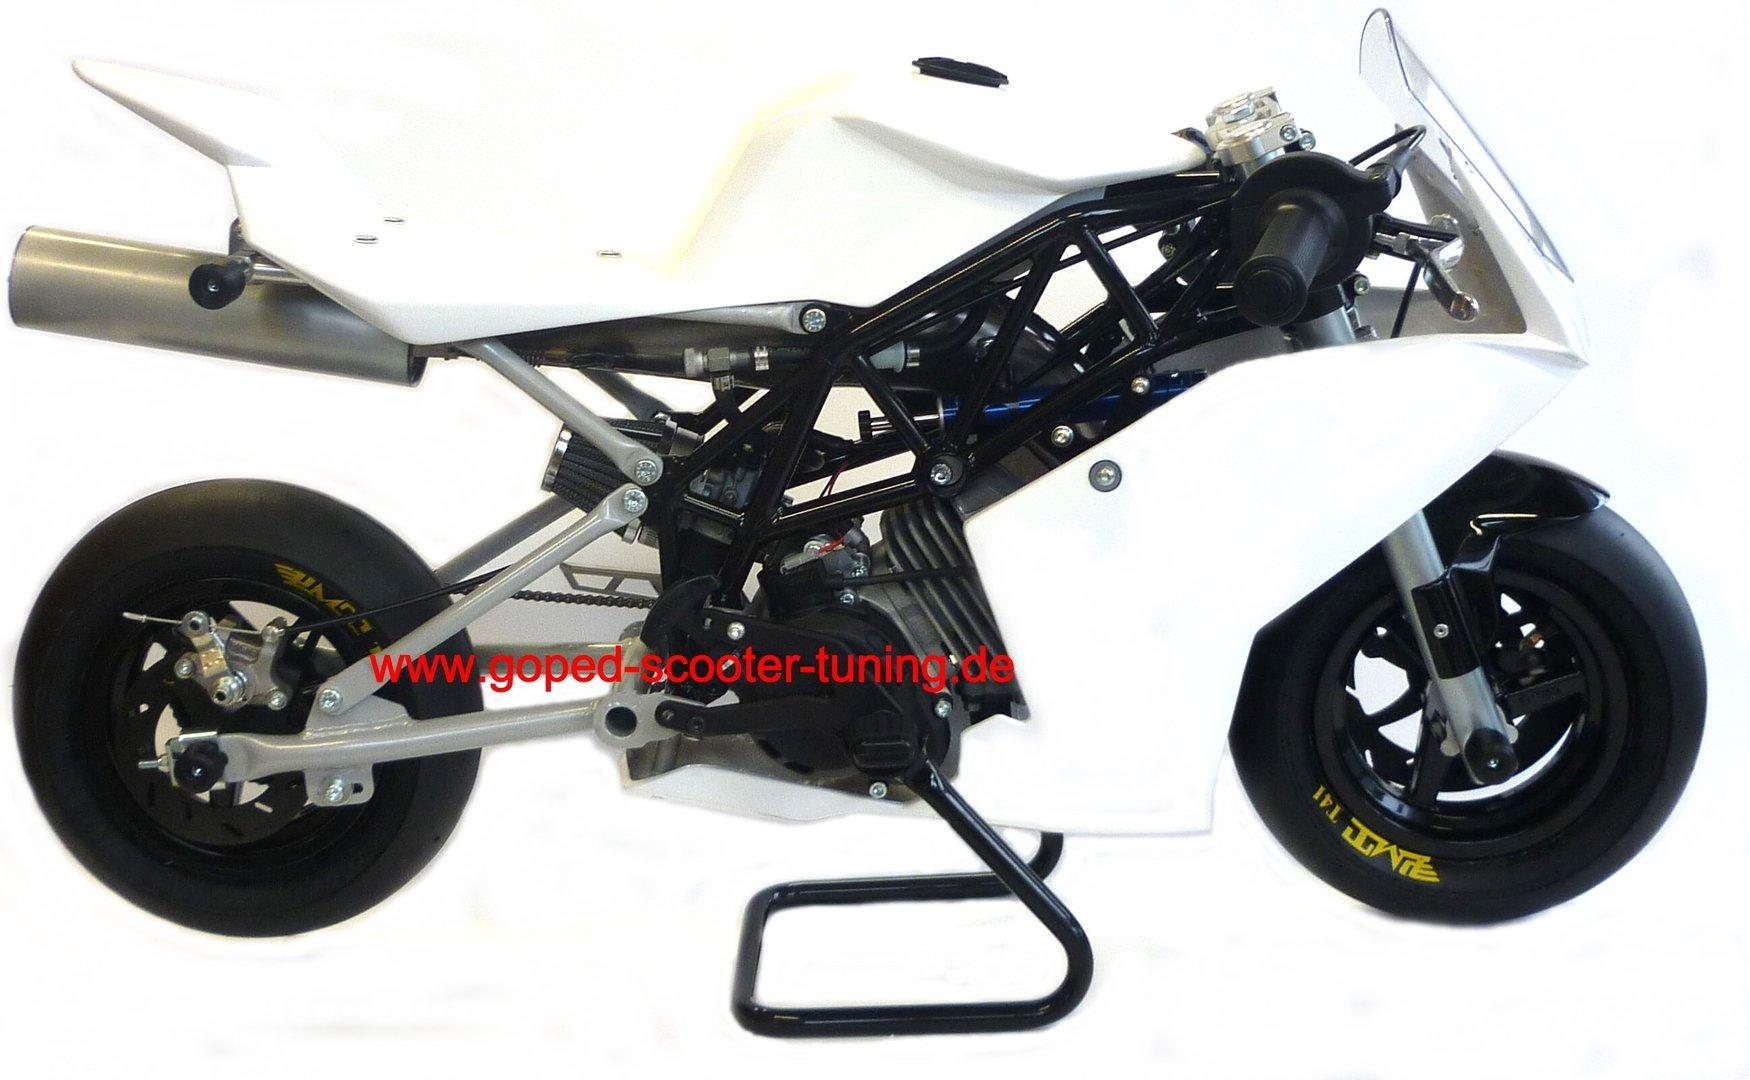 blata ultima junior concept basismodell goped scooter. Black Bedroom Furniture Sets. Home Design Ideas